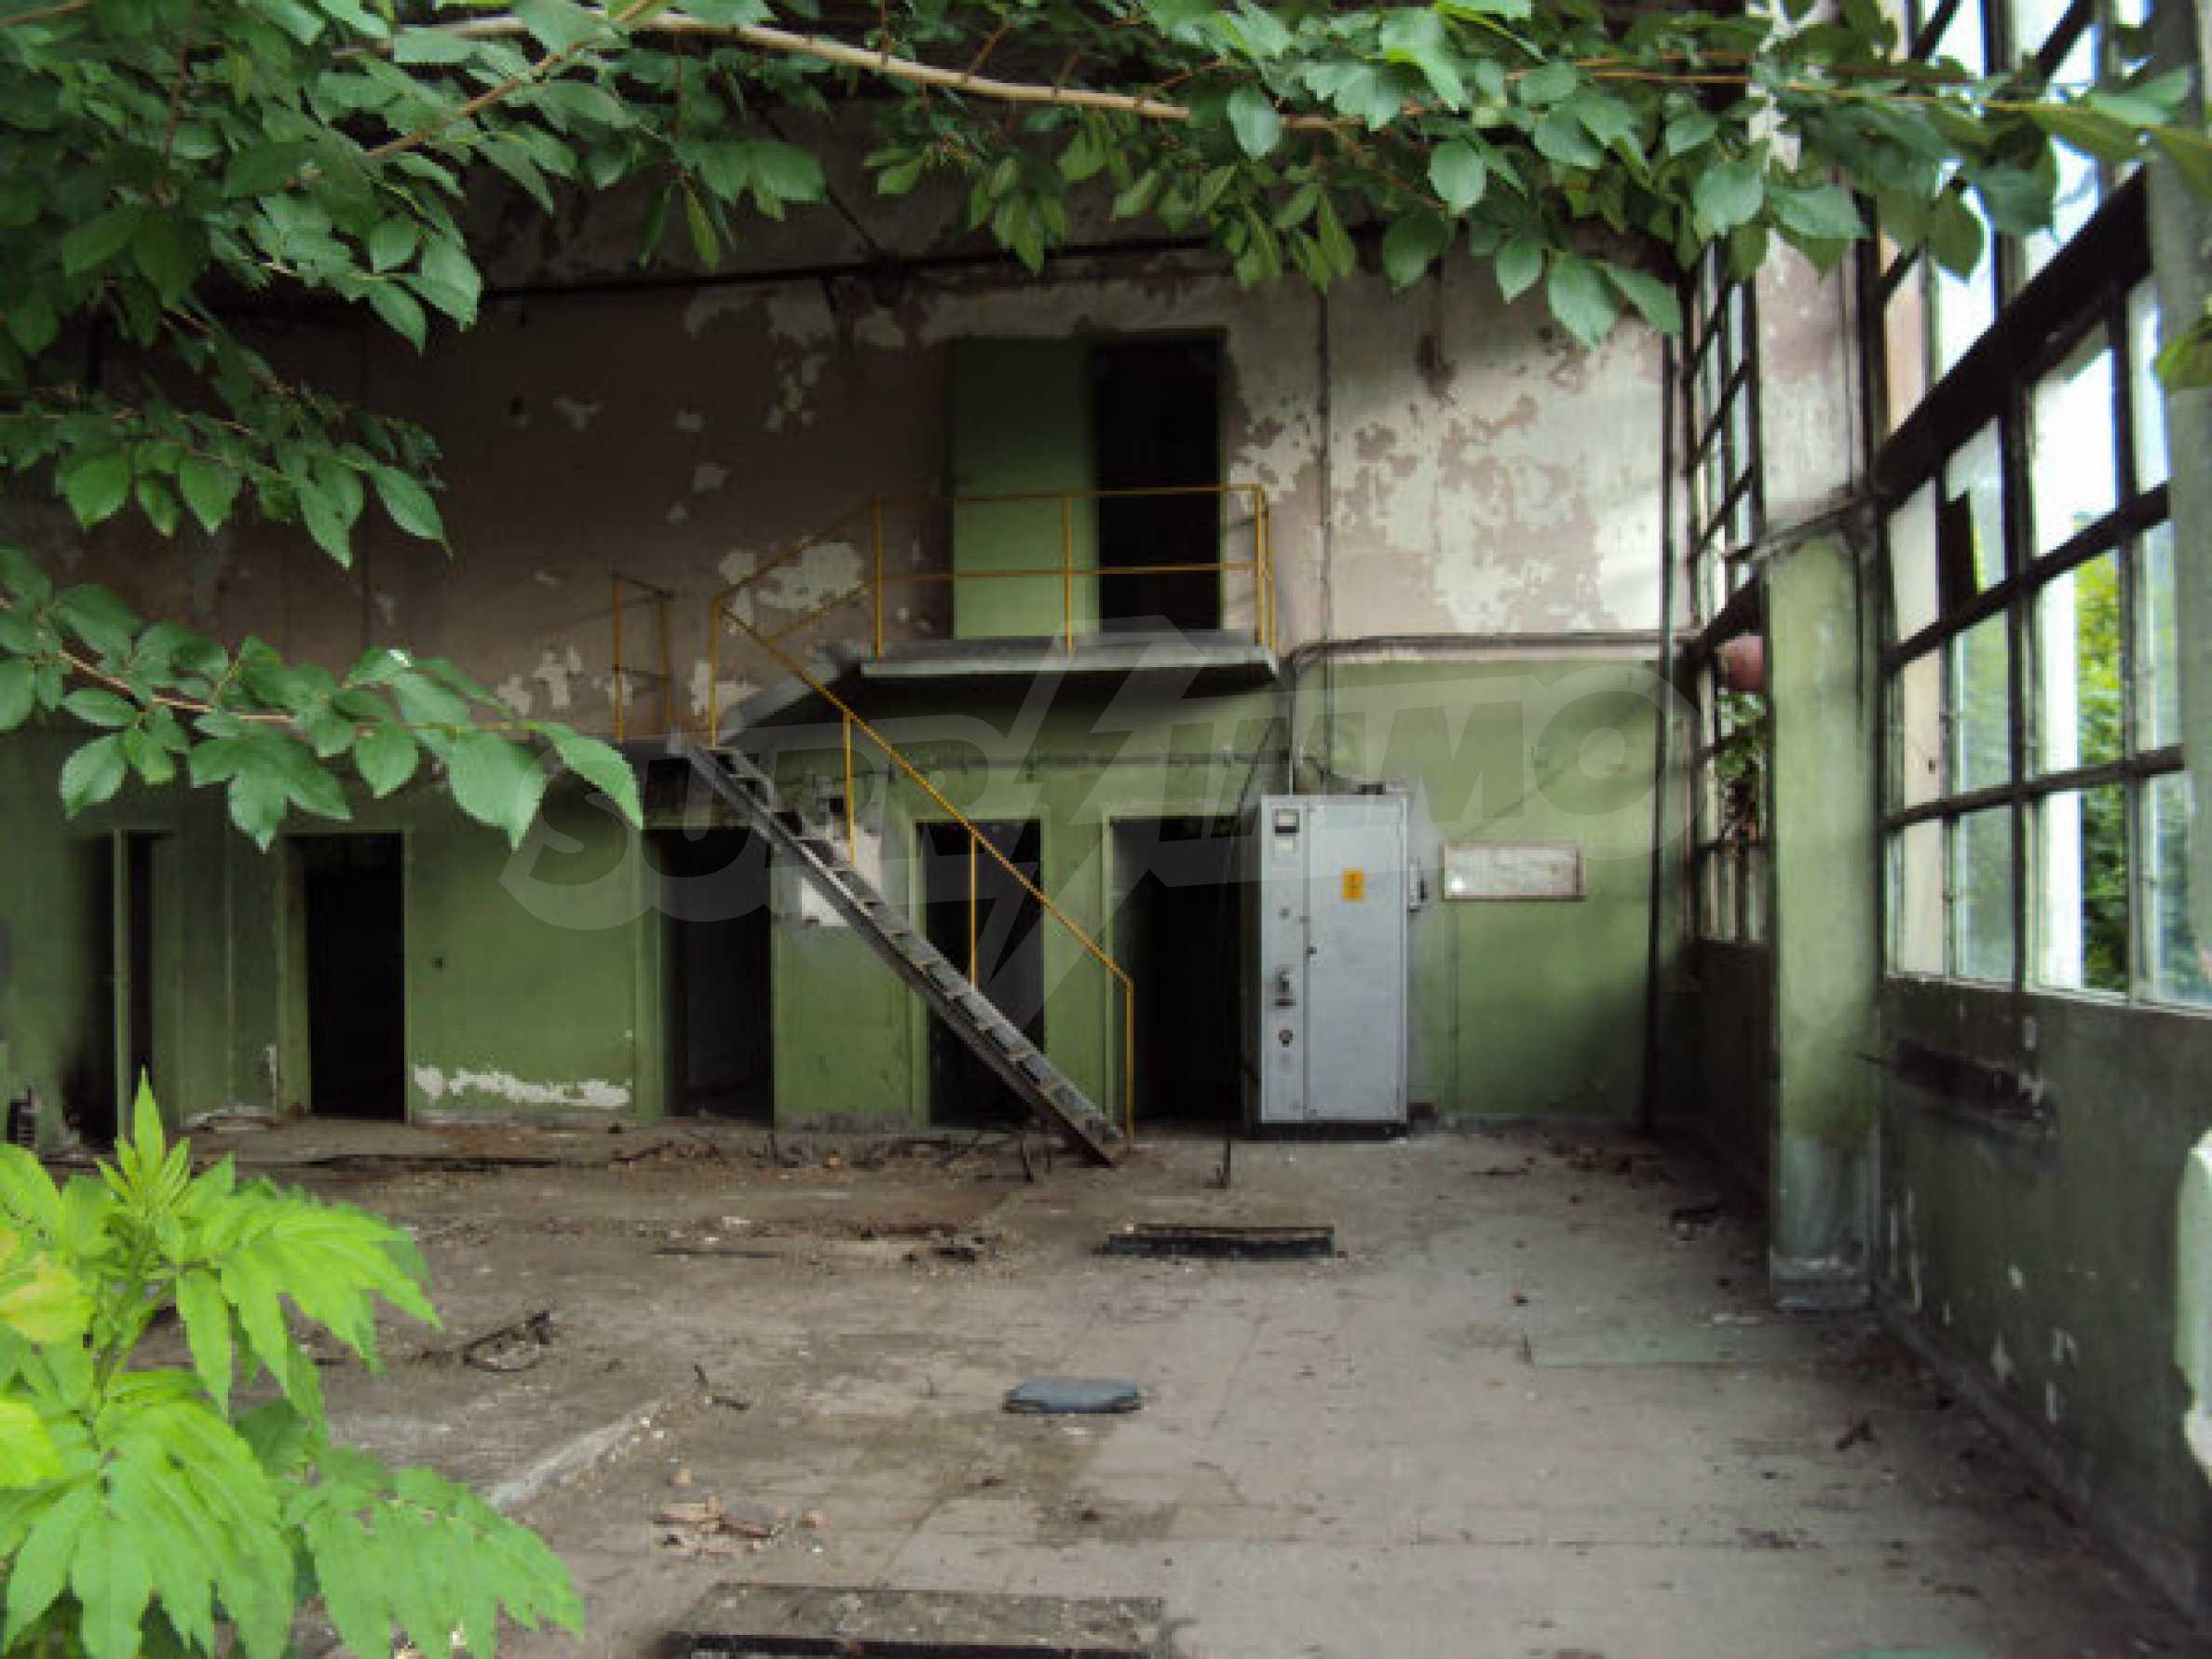 Factory for metal parts in Veliko Tarnovo 18